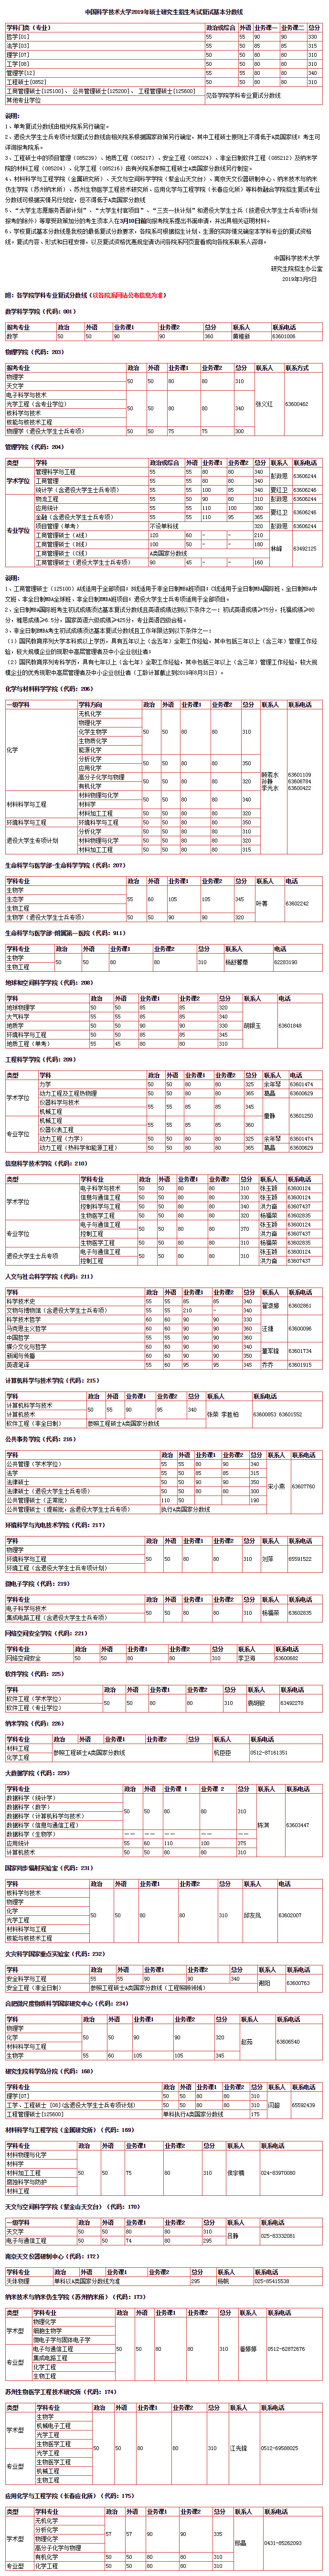 中国科大2019年硕士招生复试分数线